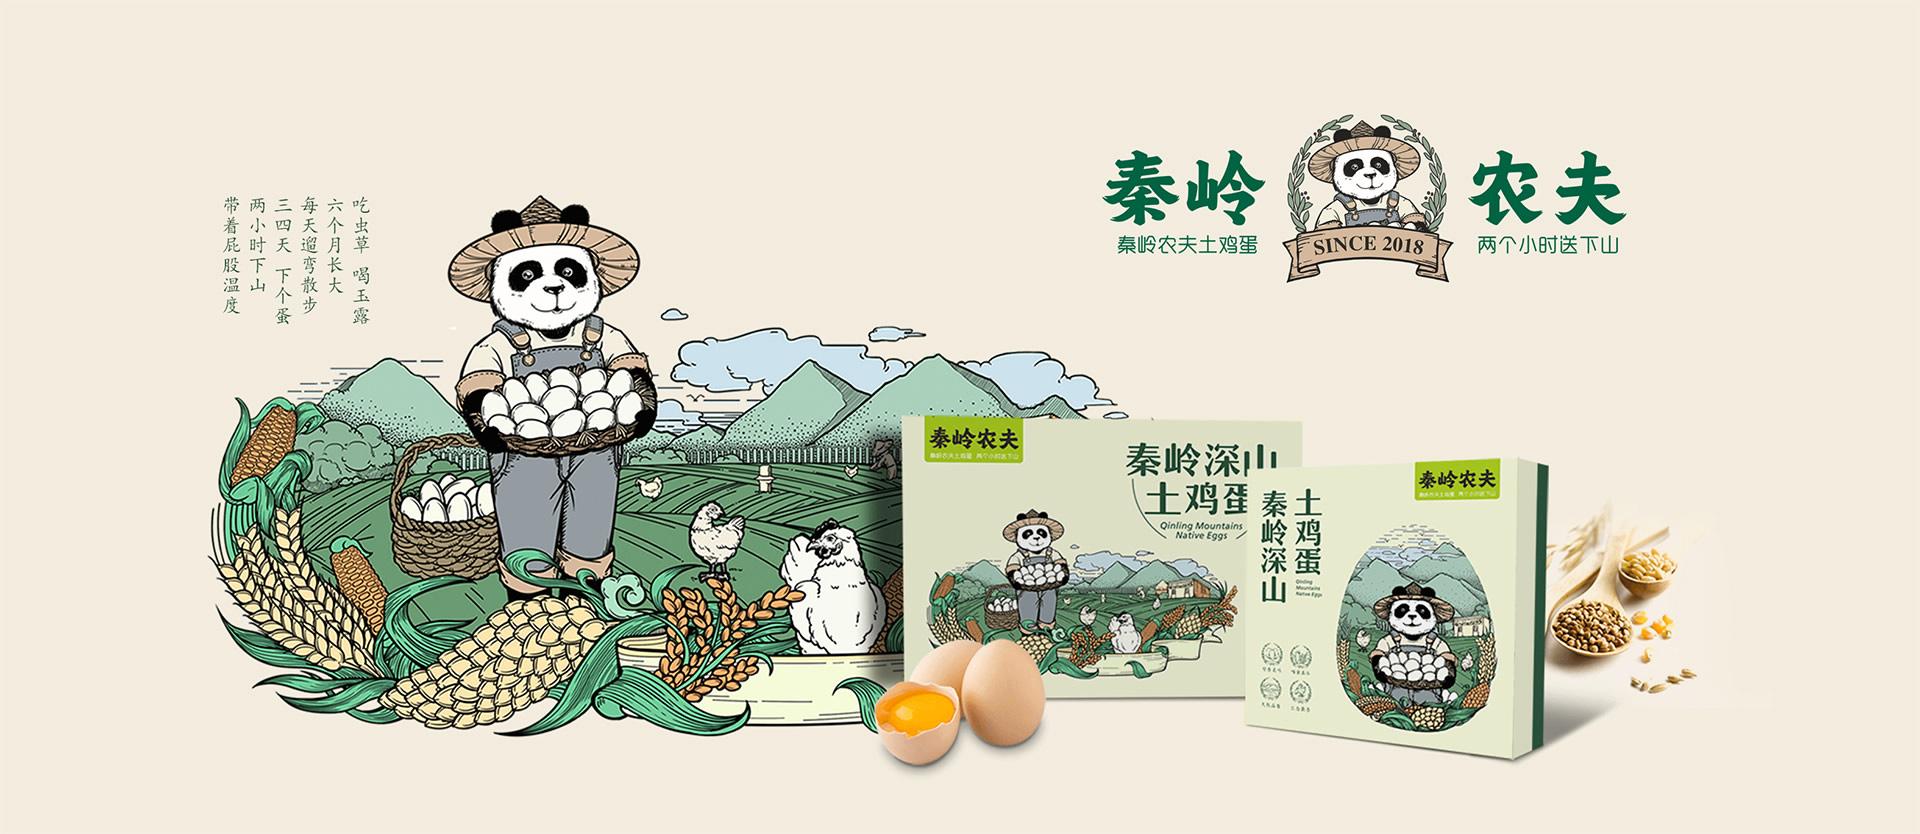 秦岭农夫土鸡蛋包装设计